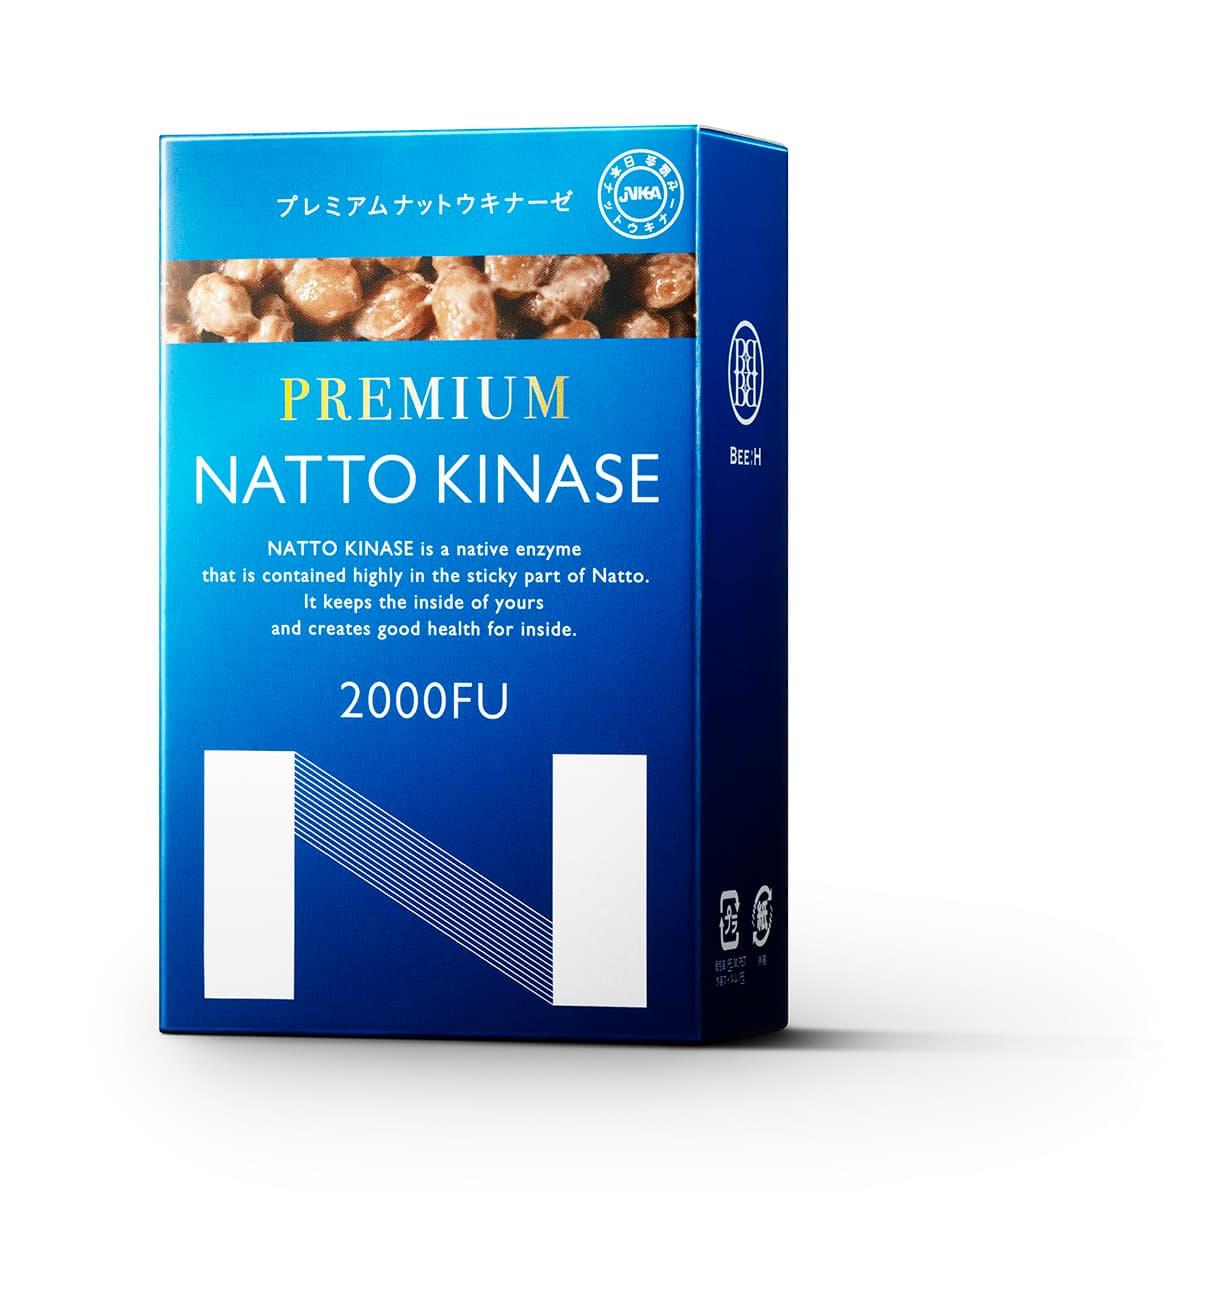 納豆酵素でサラサラ習慣!PREMIUM NATTO KINASE